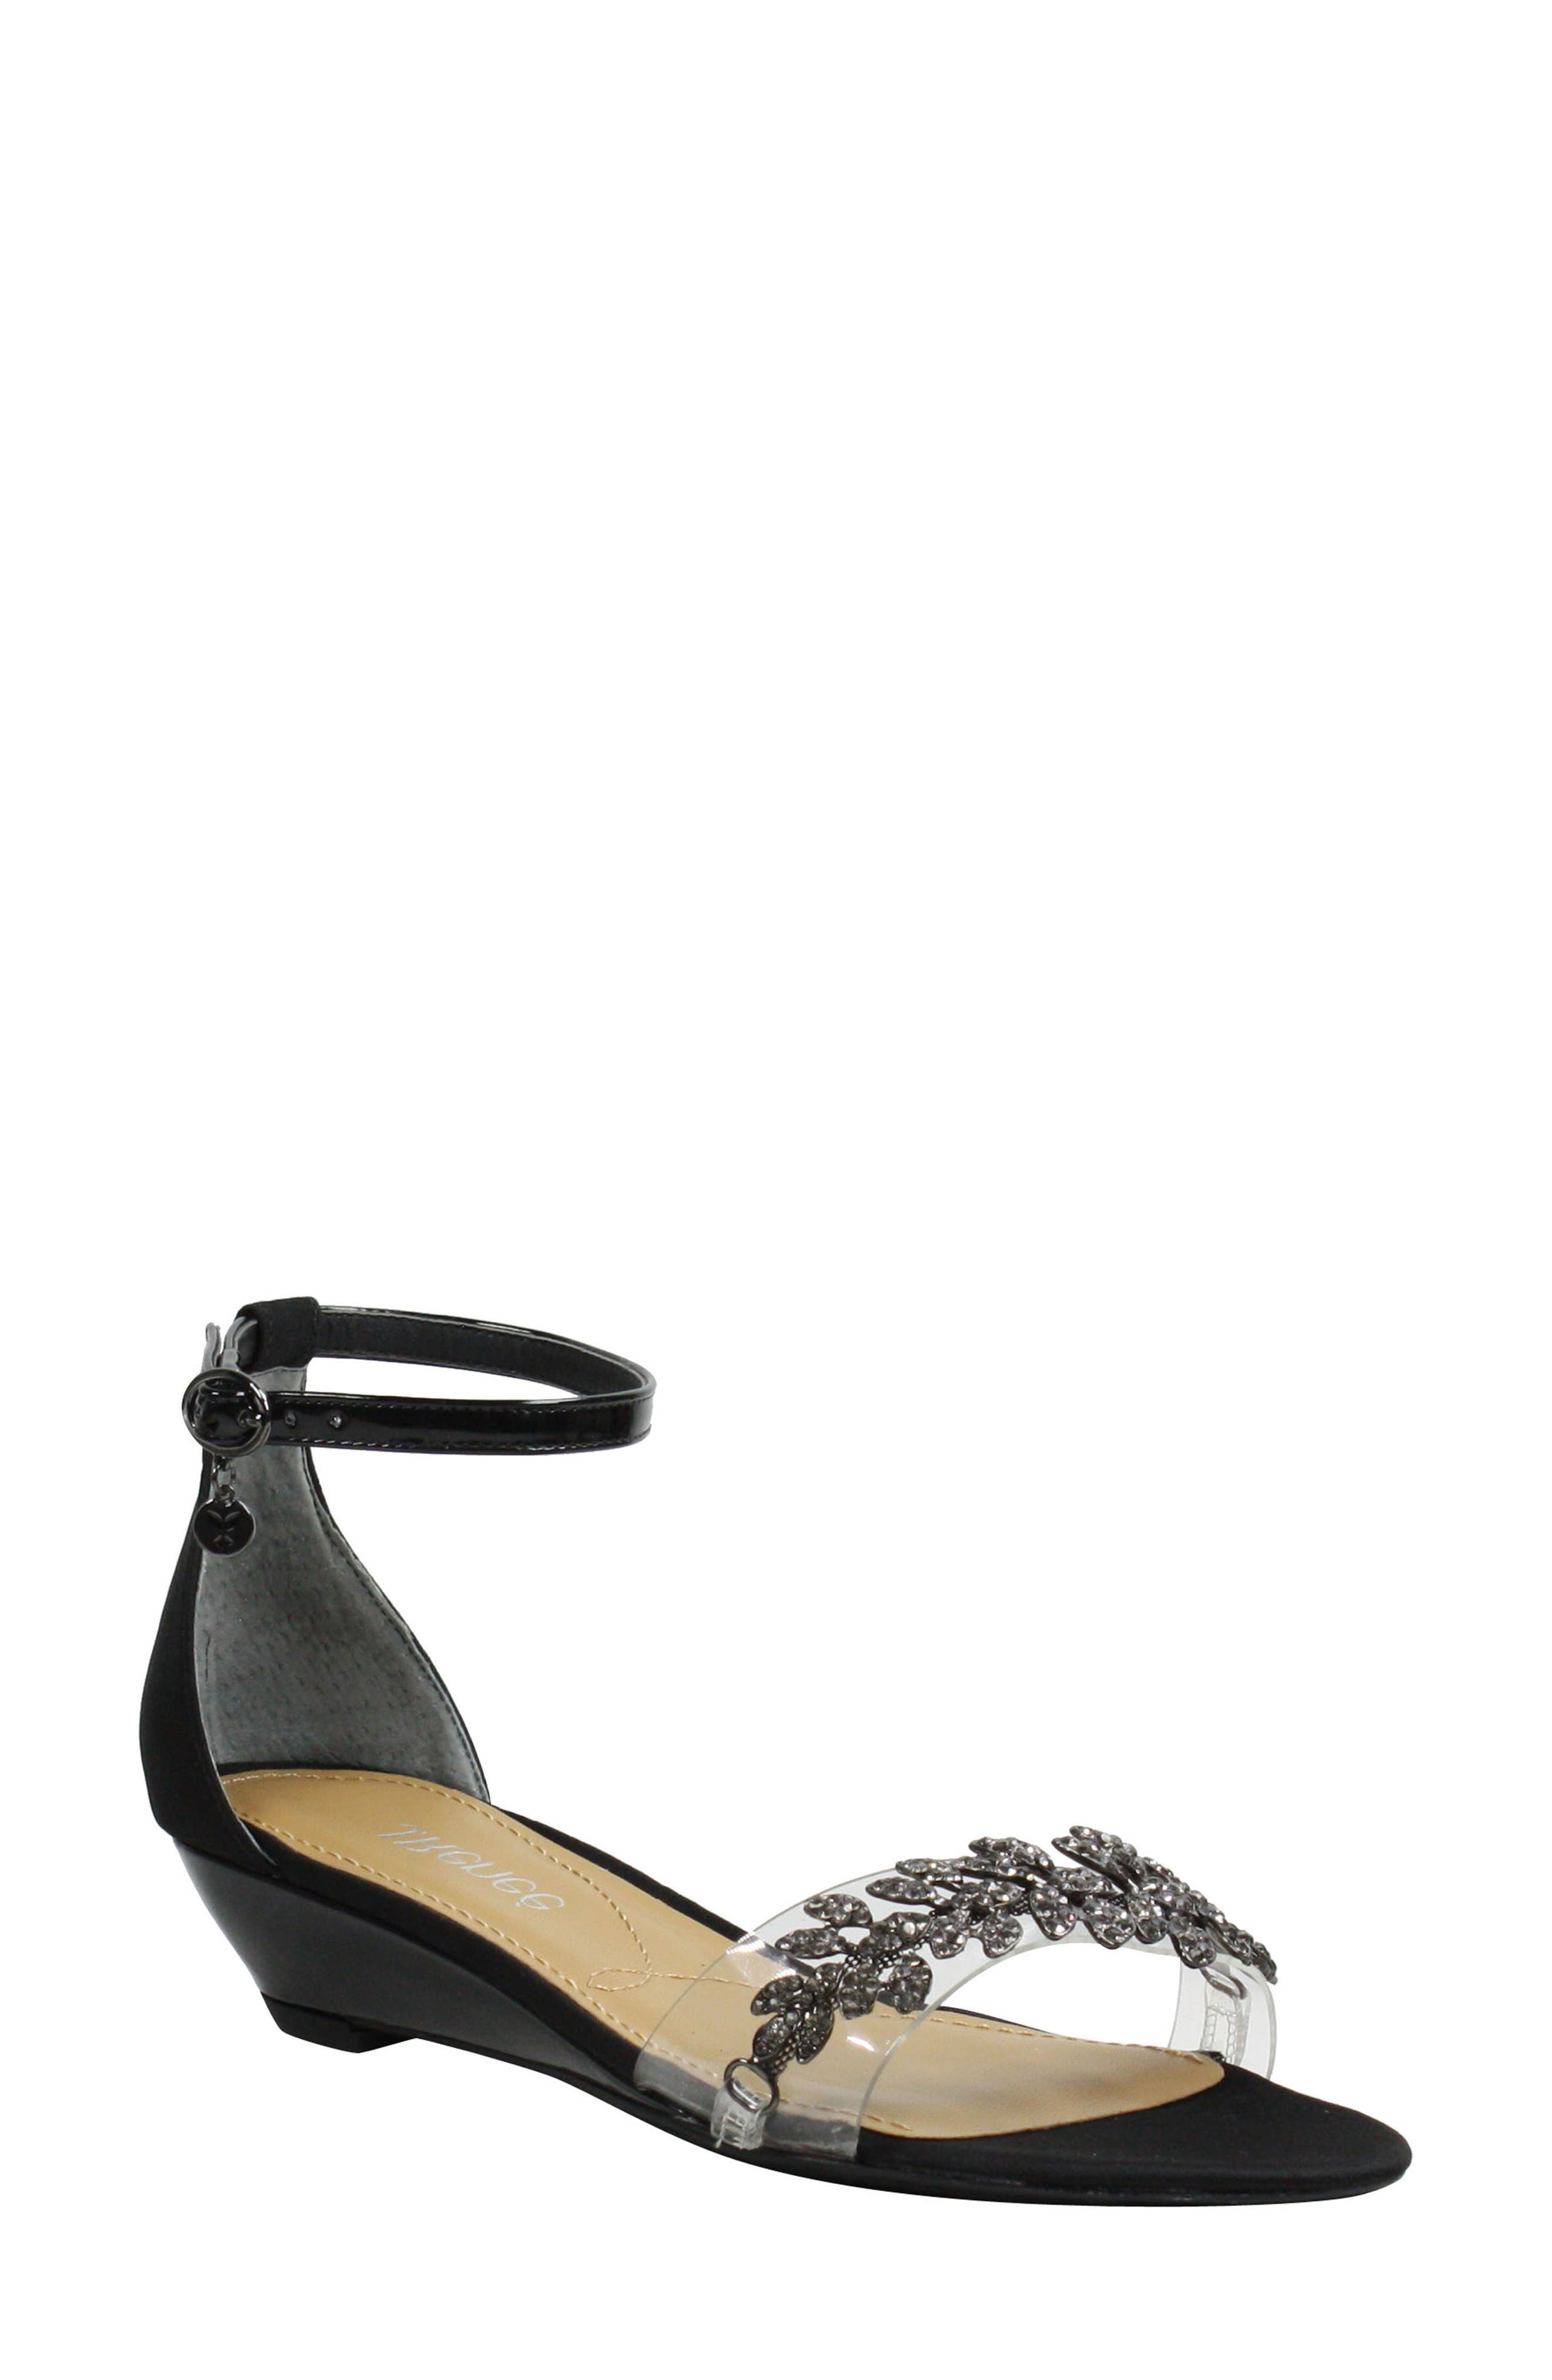 Evania Ankle Strap Sandal, Main, color, BLACK SATIN